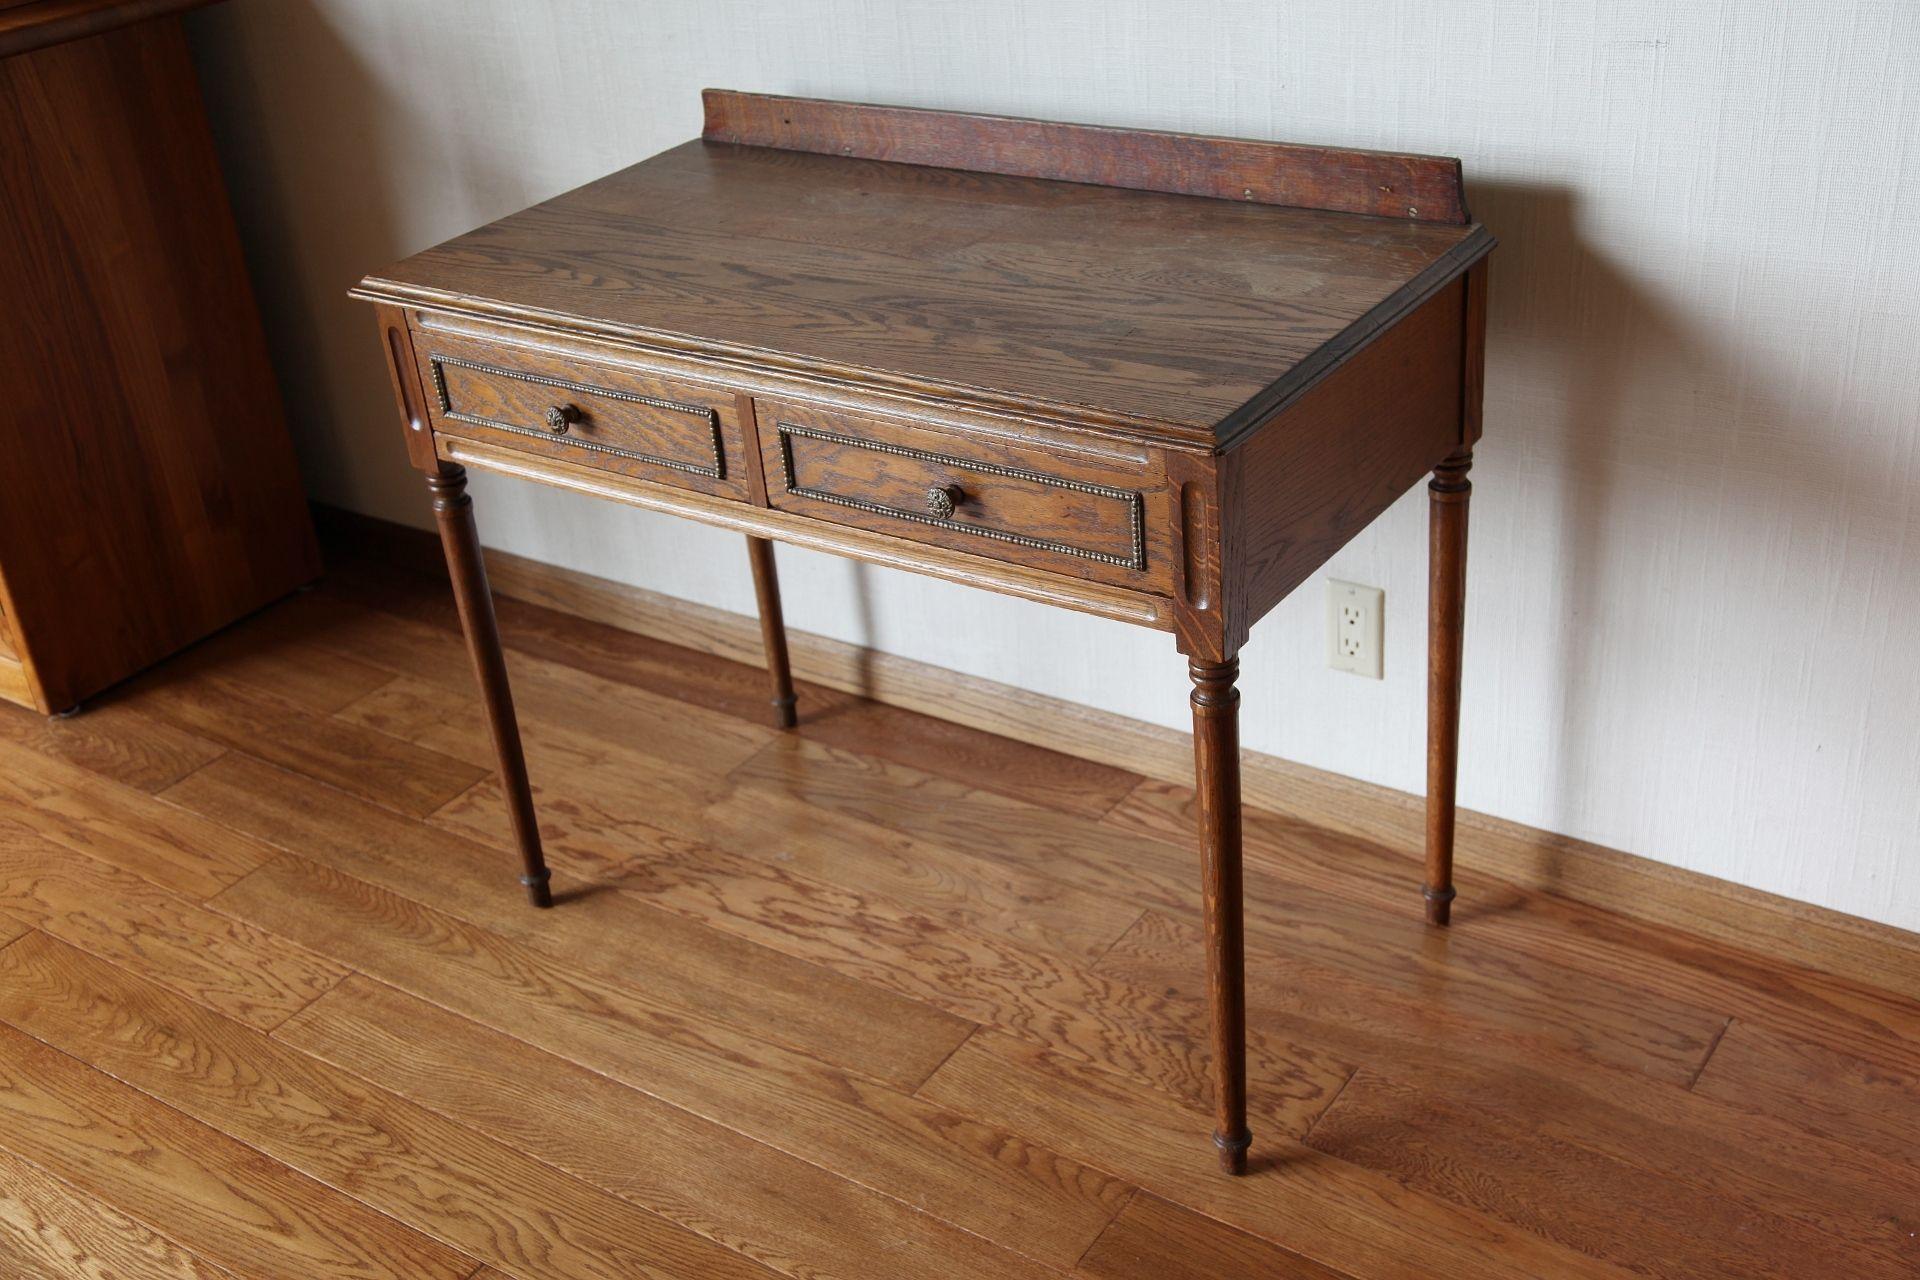 403 Forbidden Antique Wooden Desk Small Vintage Desk Antique Writing Desk